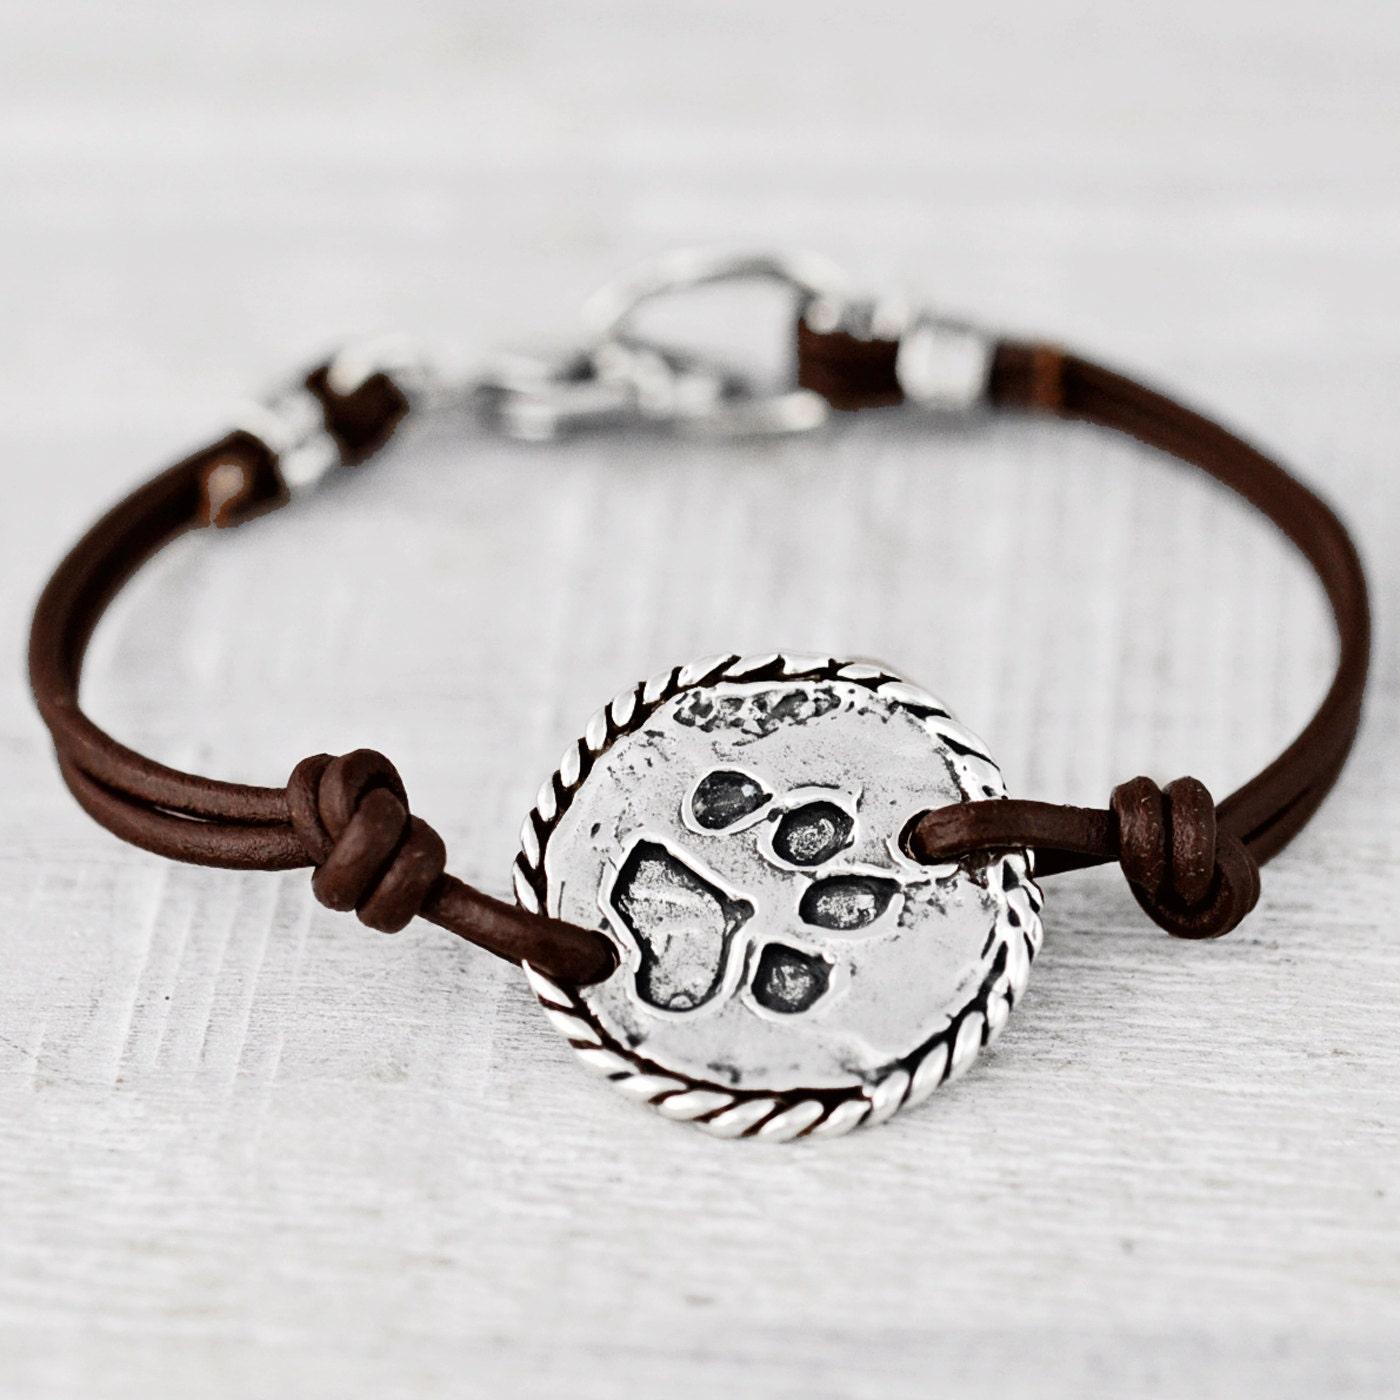 Love & Paws Bracelet Dog Paw Bracelet Puppy Jewelry B478